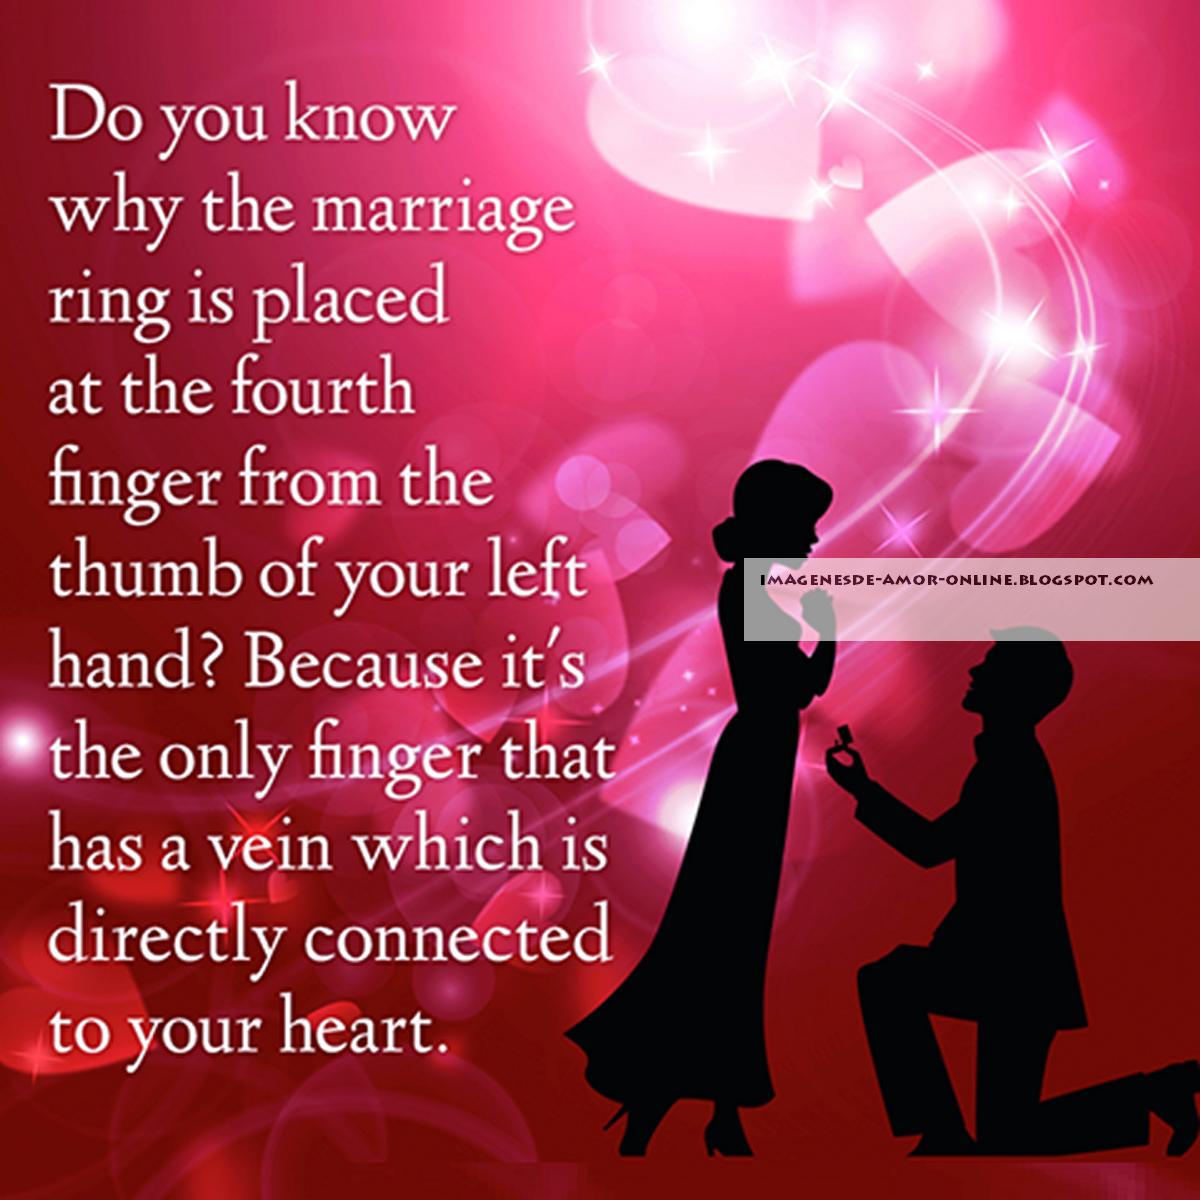 enten que les parecen las publicaciones de imagenes de amor para si les gustan o no y partan en Saludos